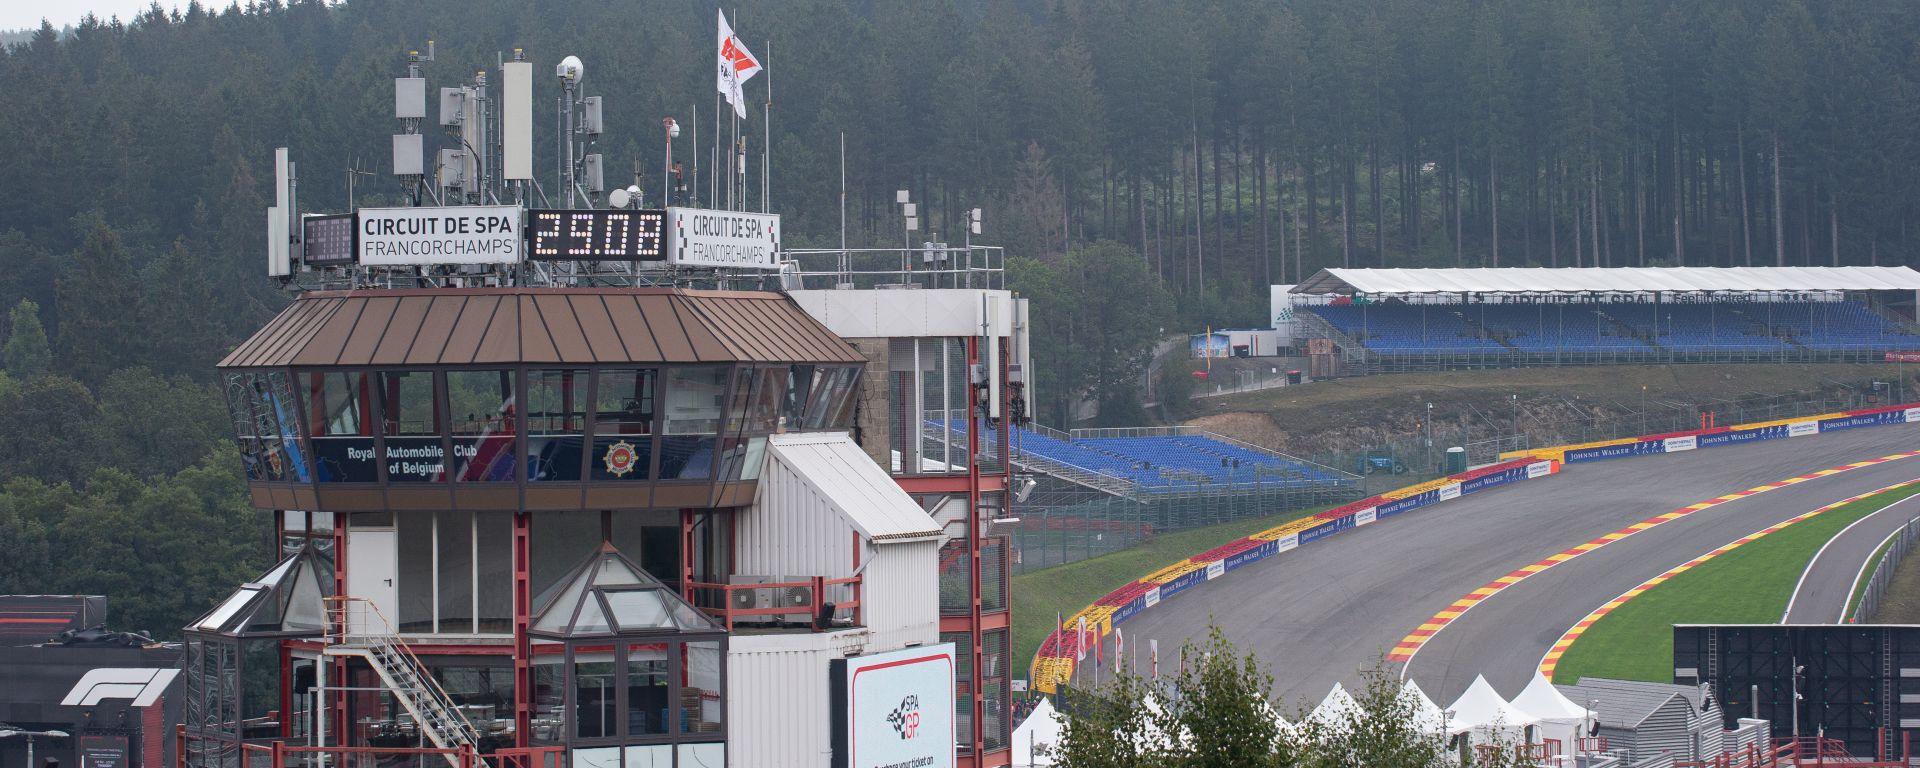 F1, GP Belgio 2019: panoramica del circuito di Spa-Francorchamps